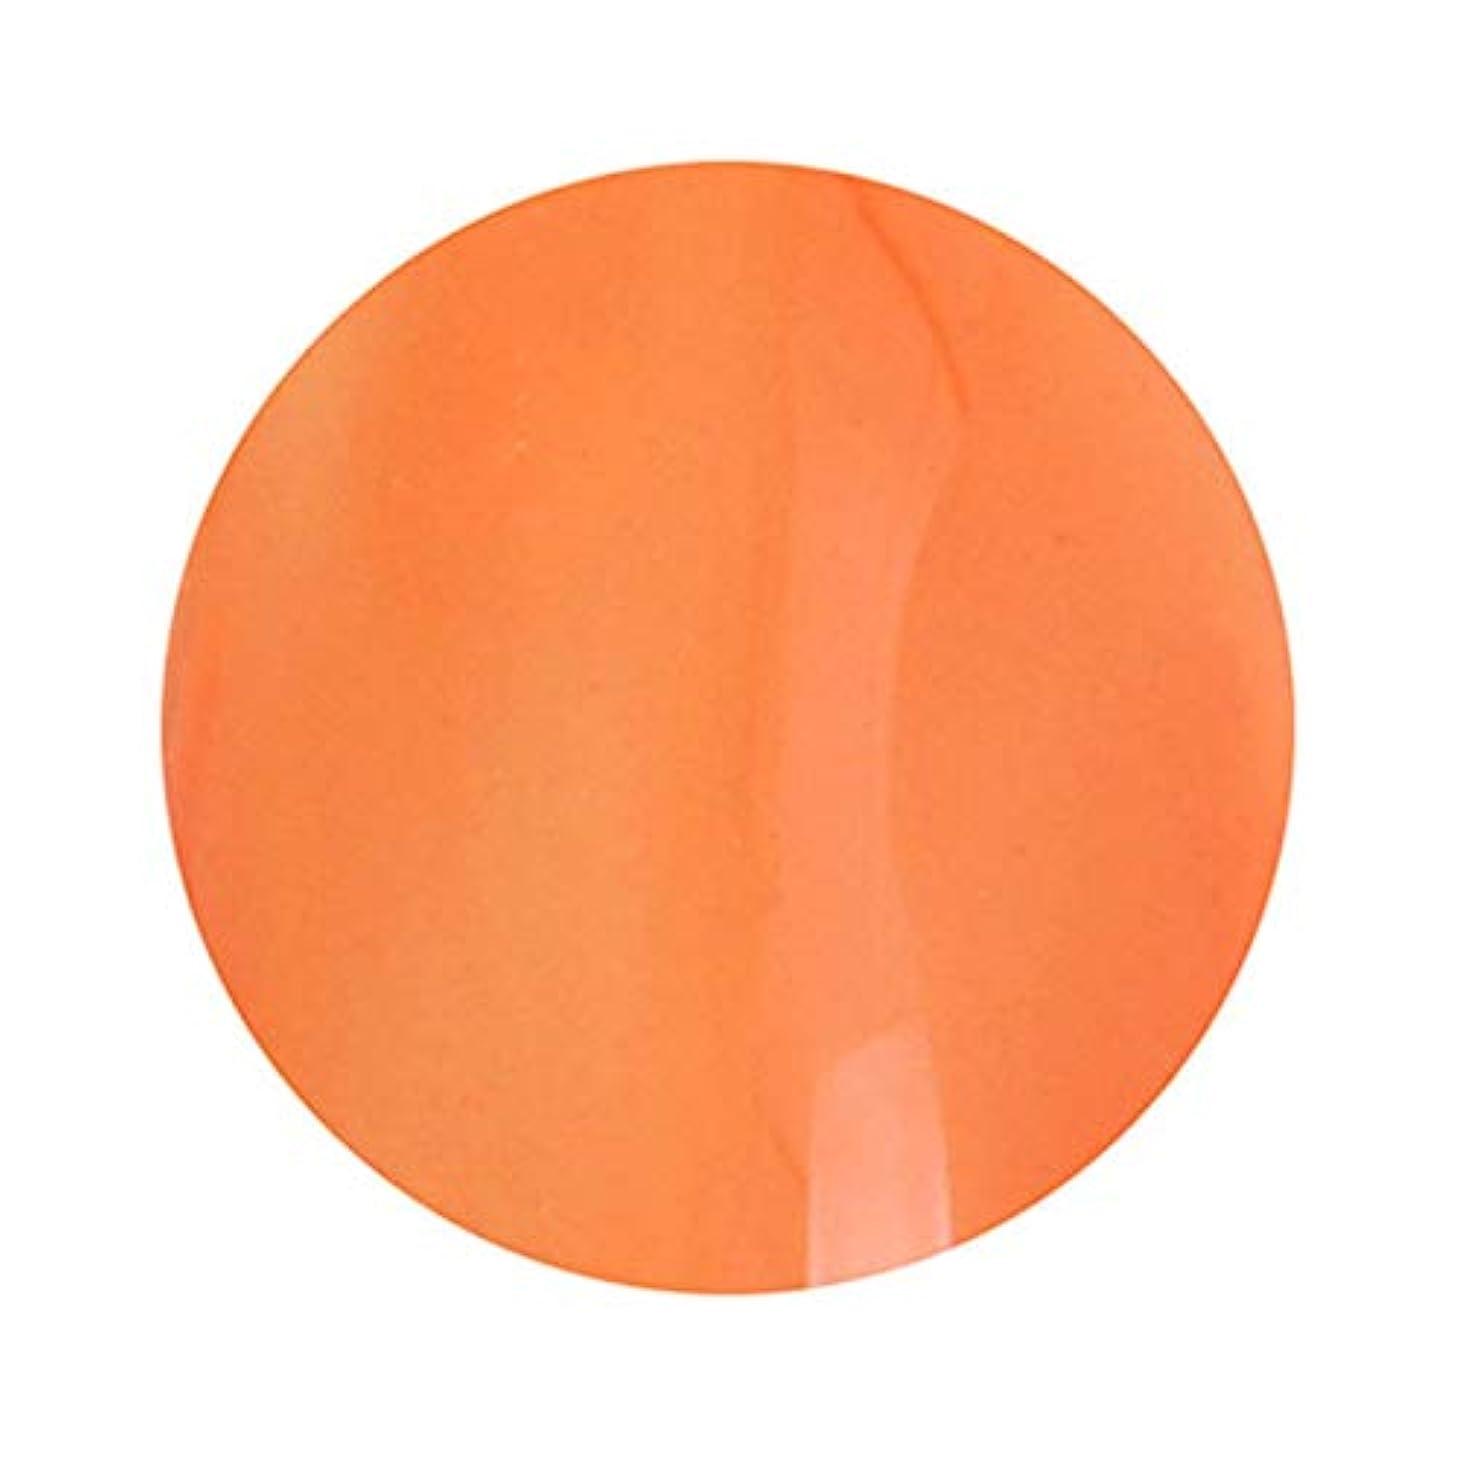 魅力的であることへのアピール基礎コメントT-GEL COLLECTION ティージェルコレクション カラージェル D235 クリアダークオレンジ 4ml